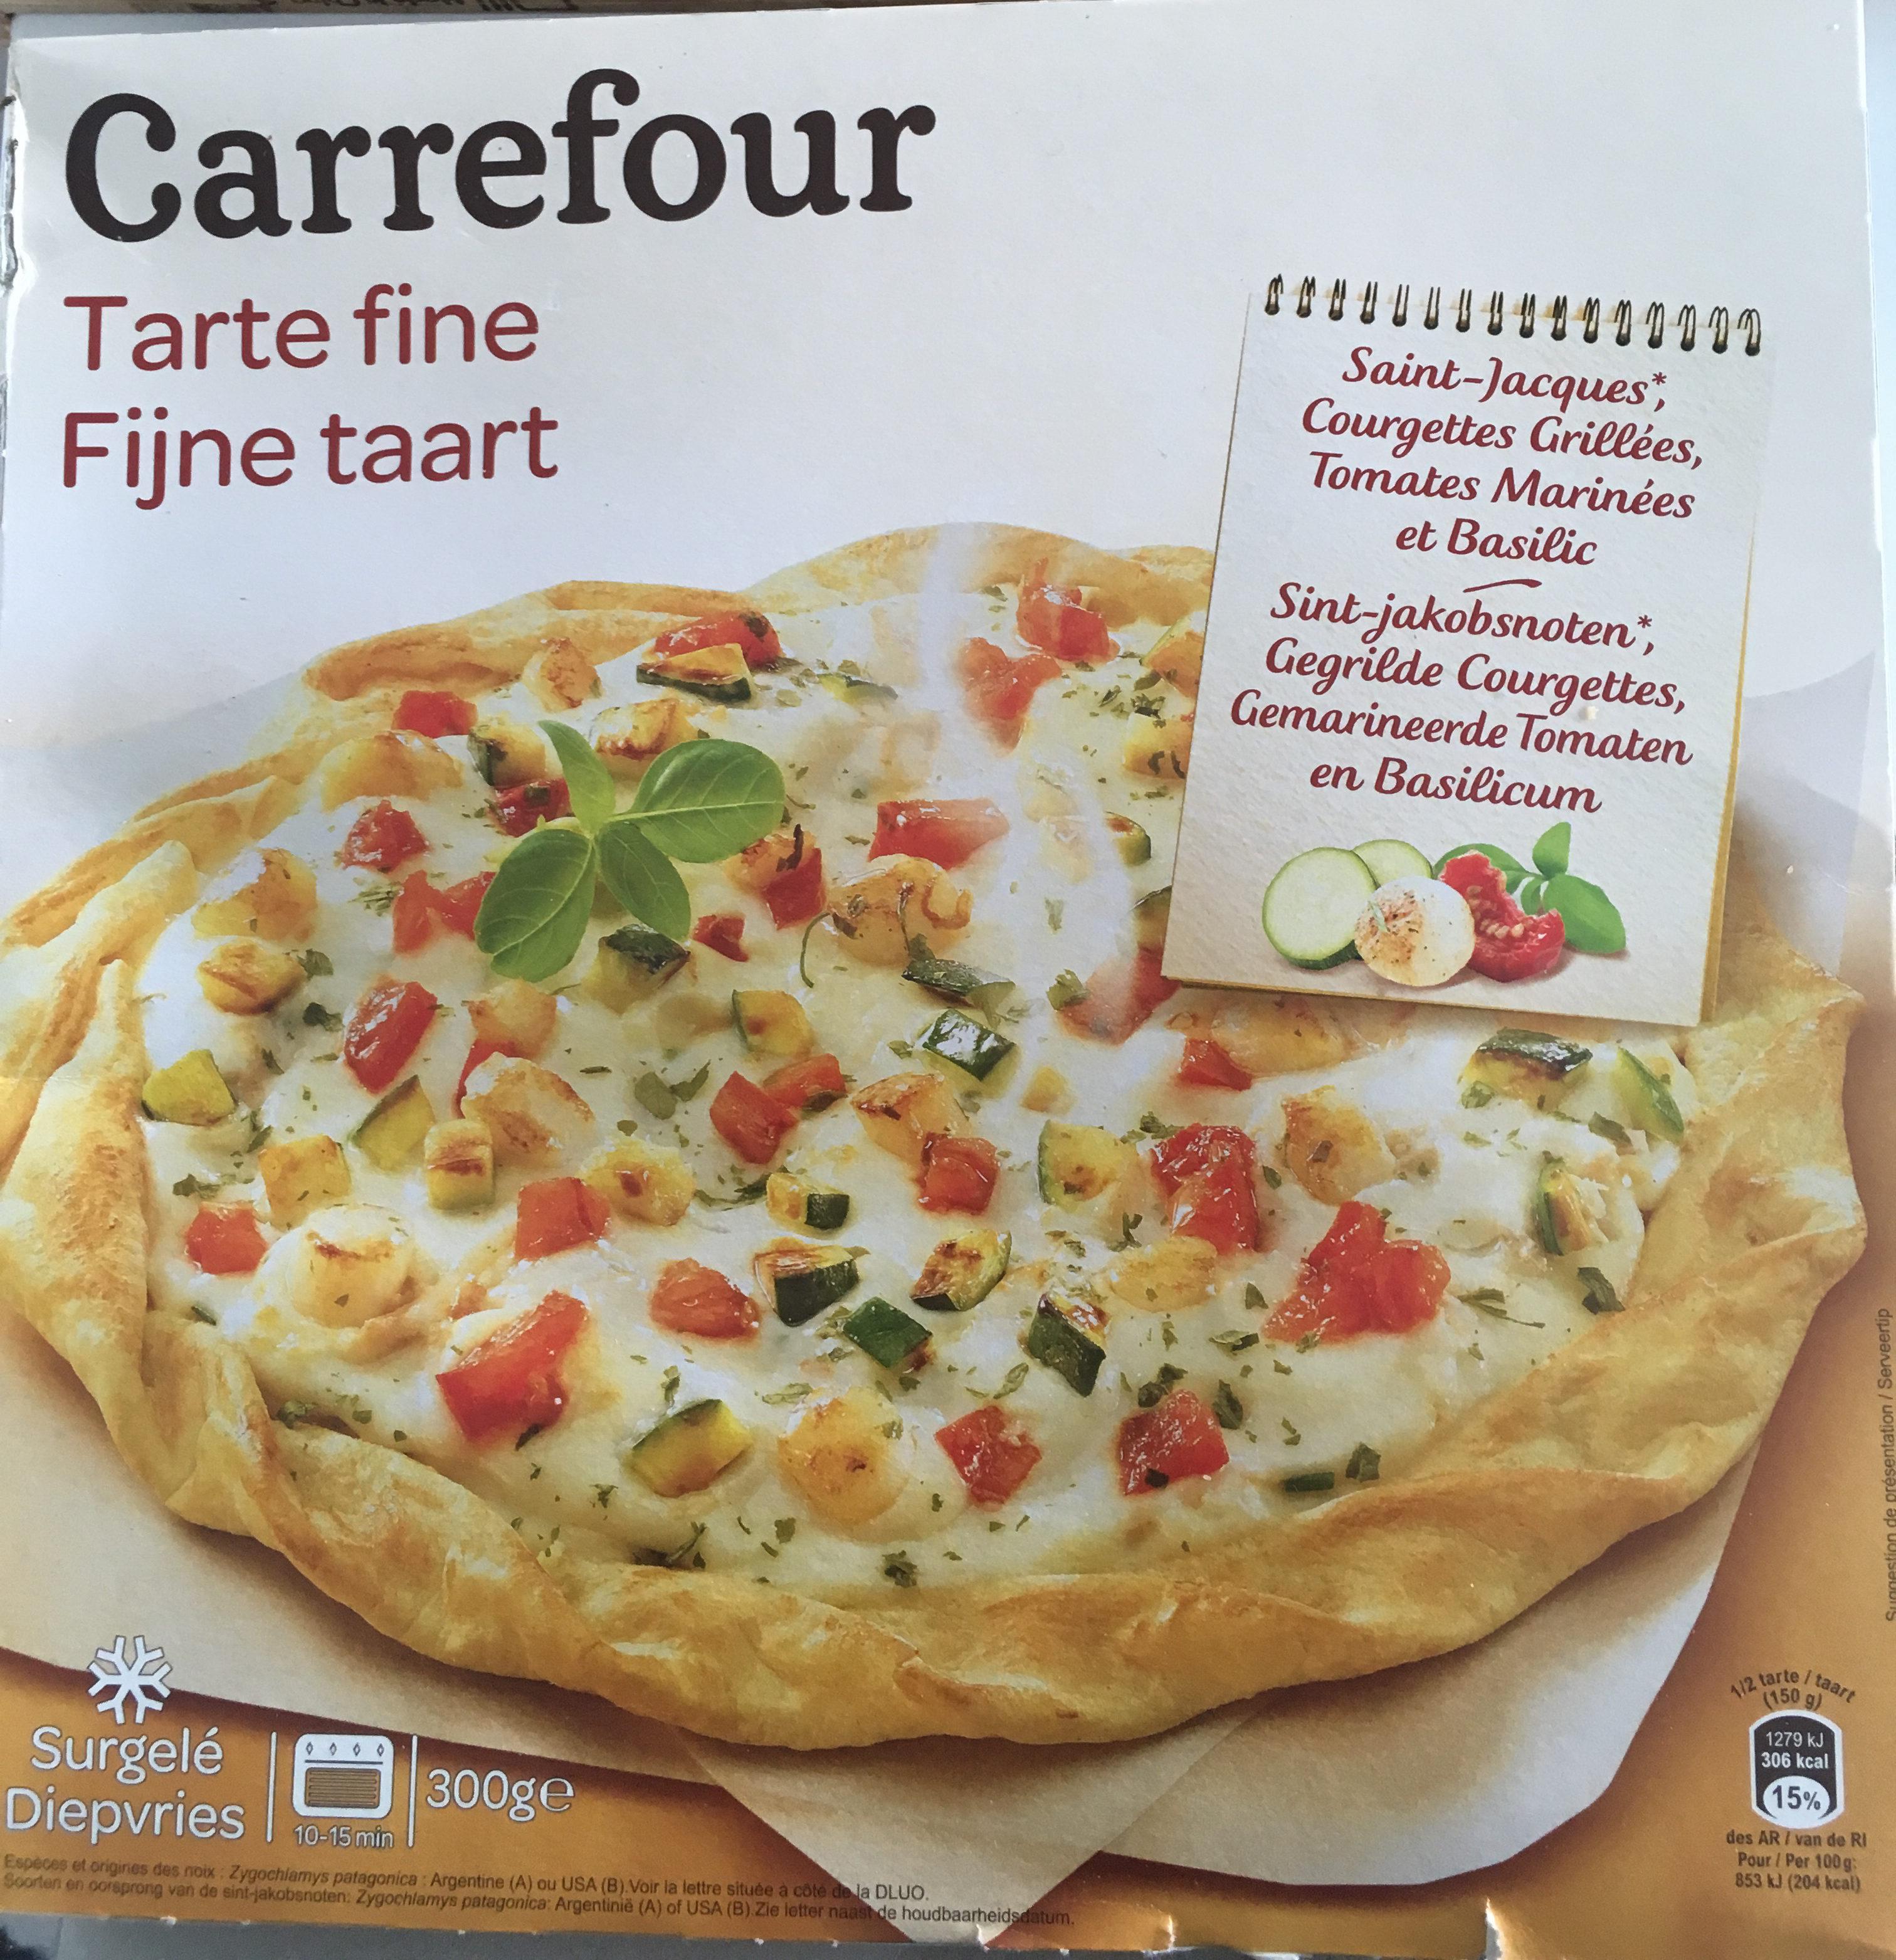 Tarte Fine, Noix de Saint-jacques et Courgettes grillées - Product - fr